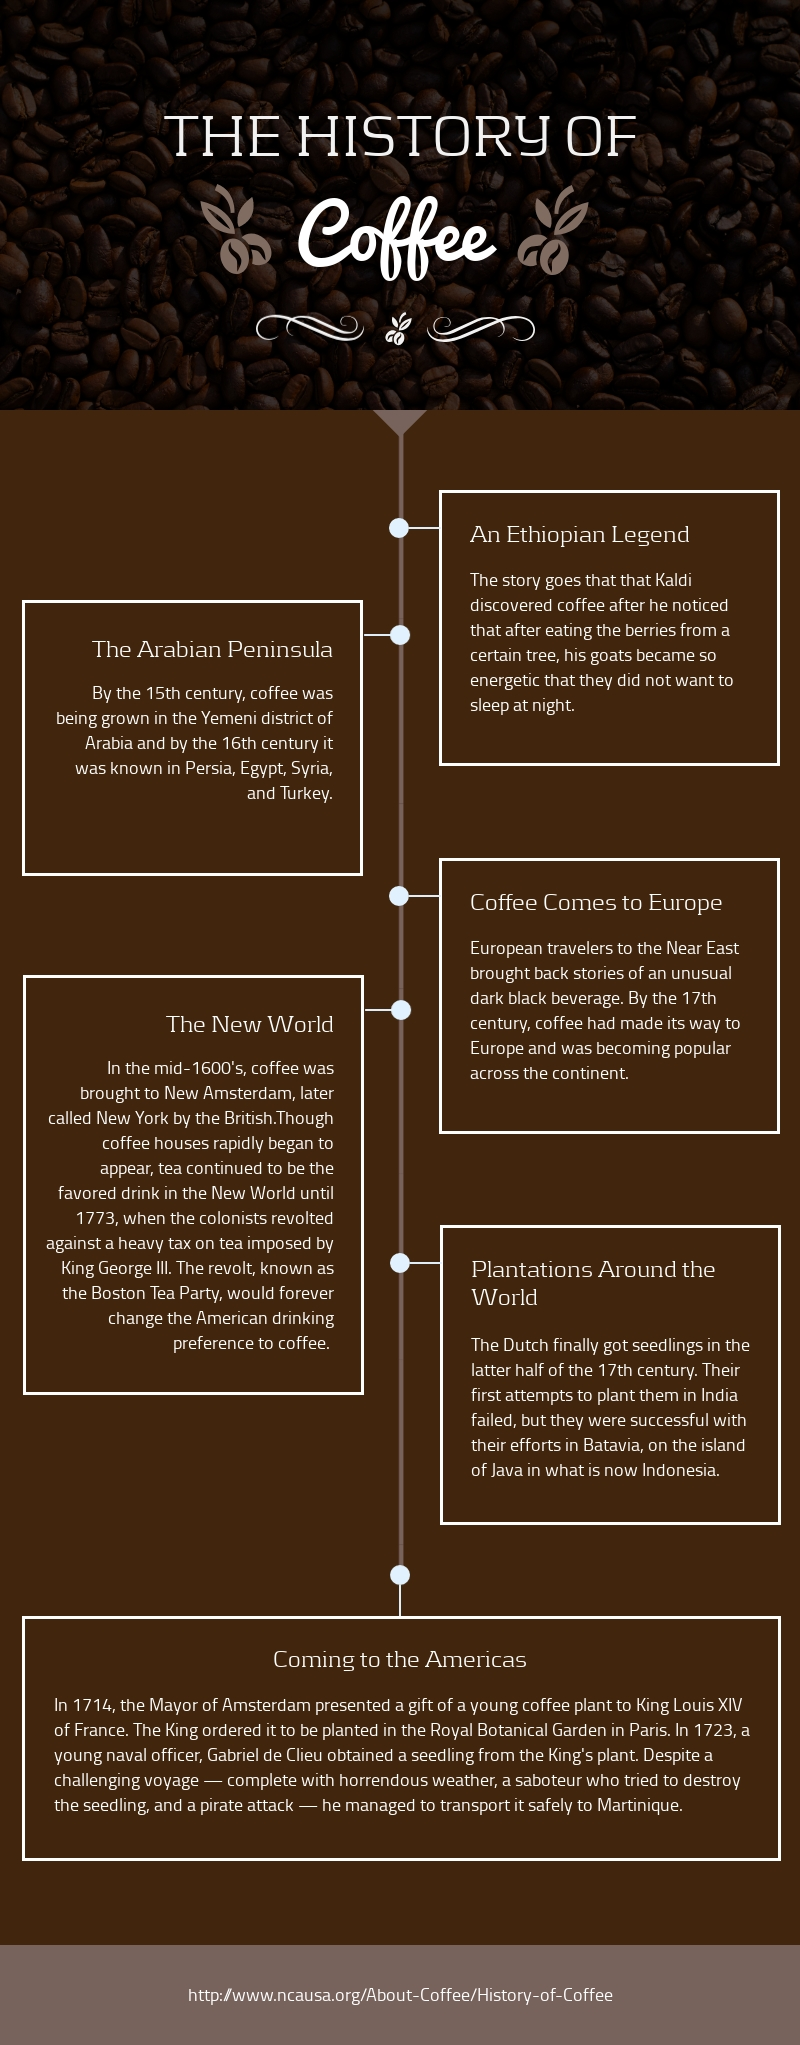 Free Timeline Templates For Professionals Visme